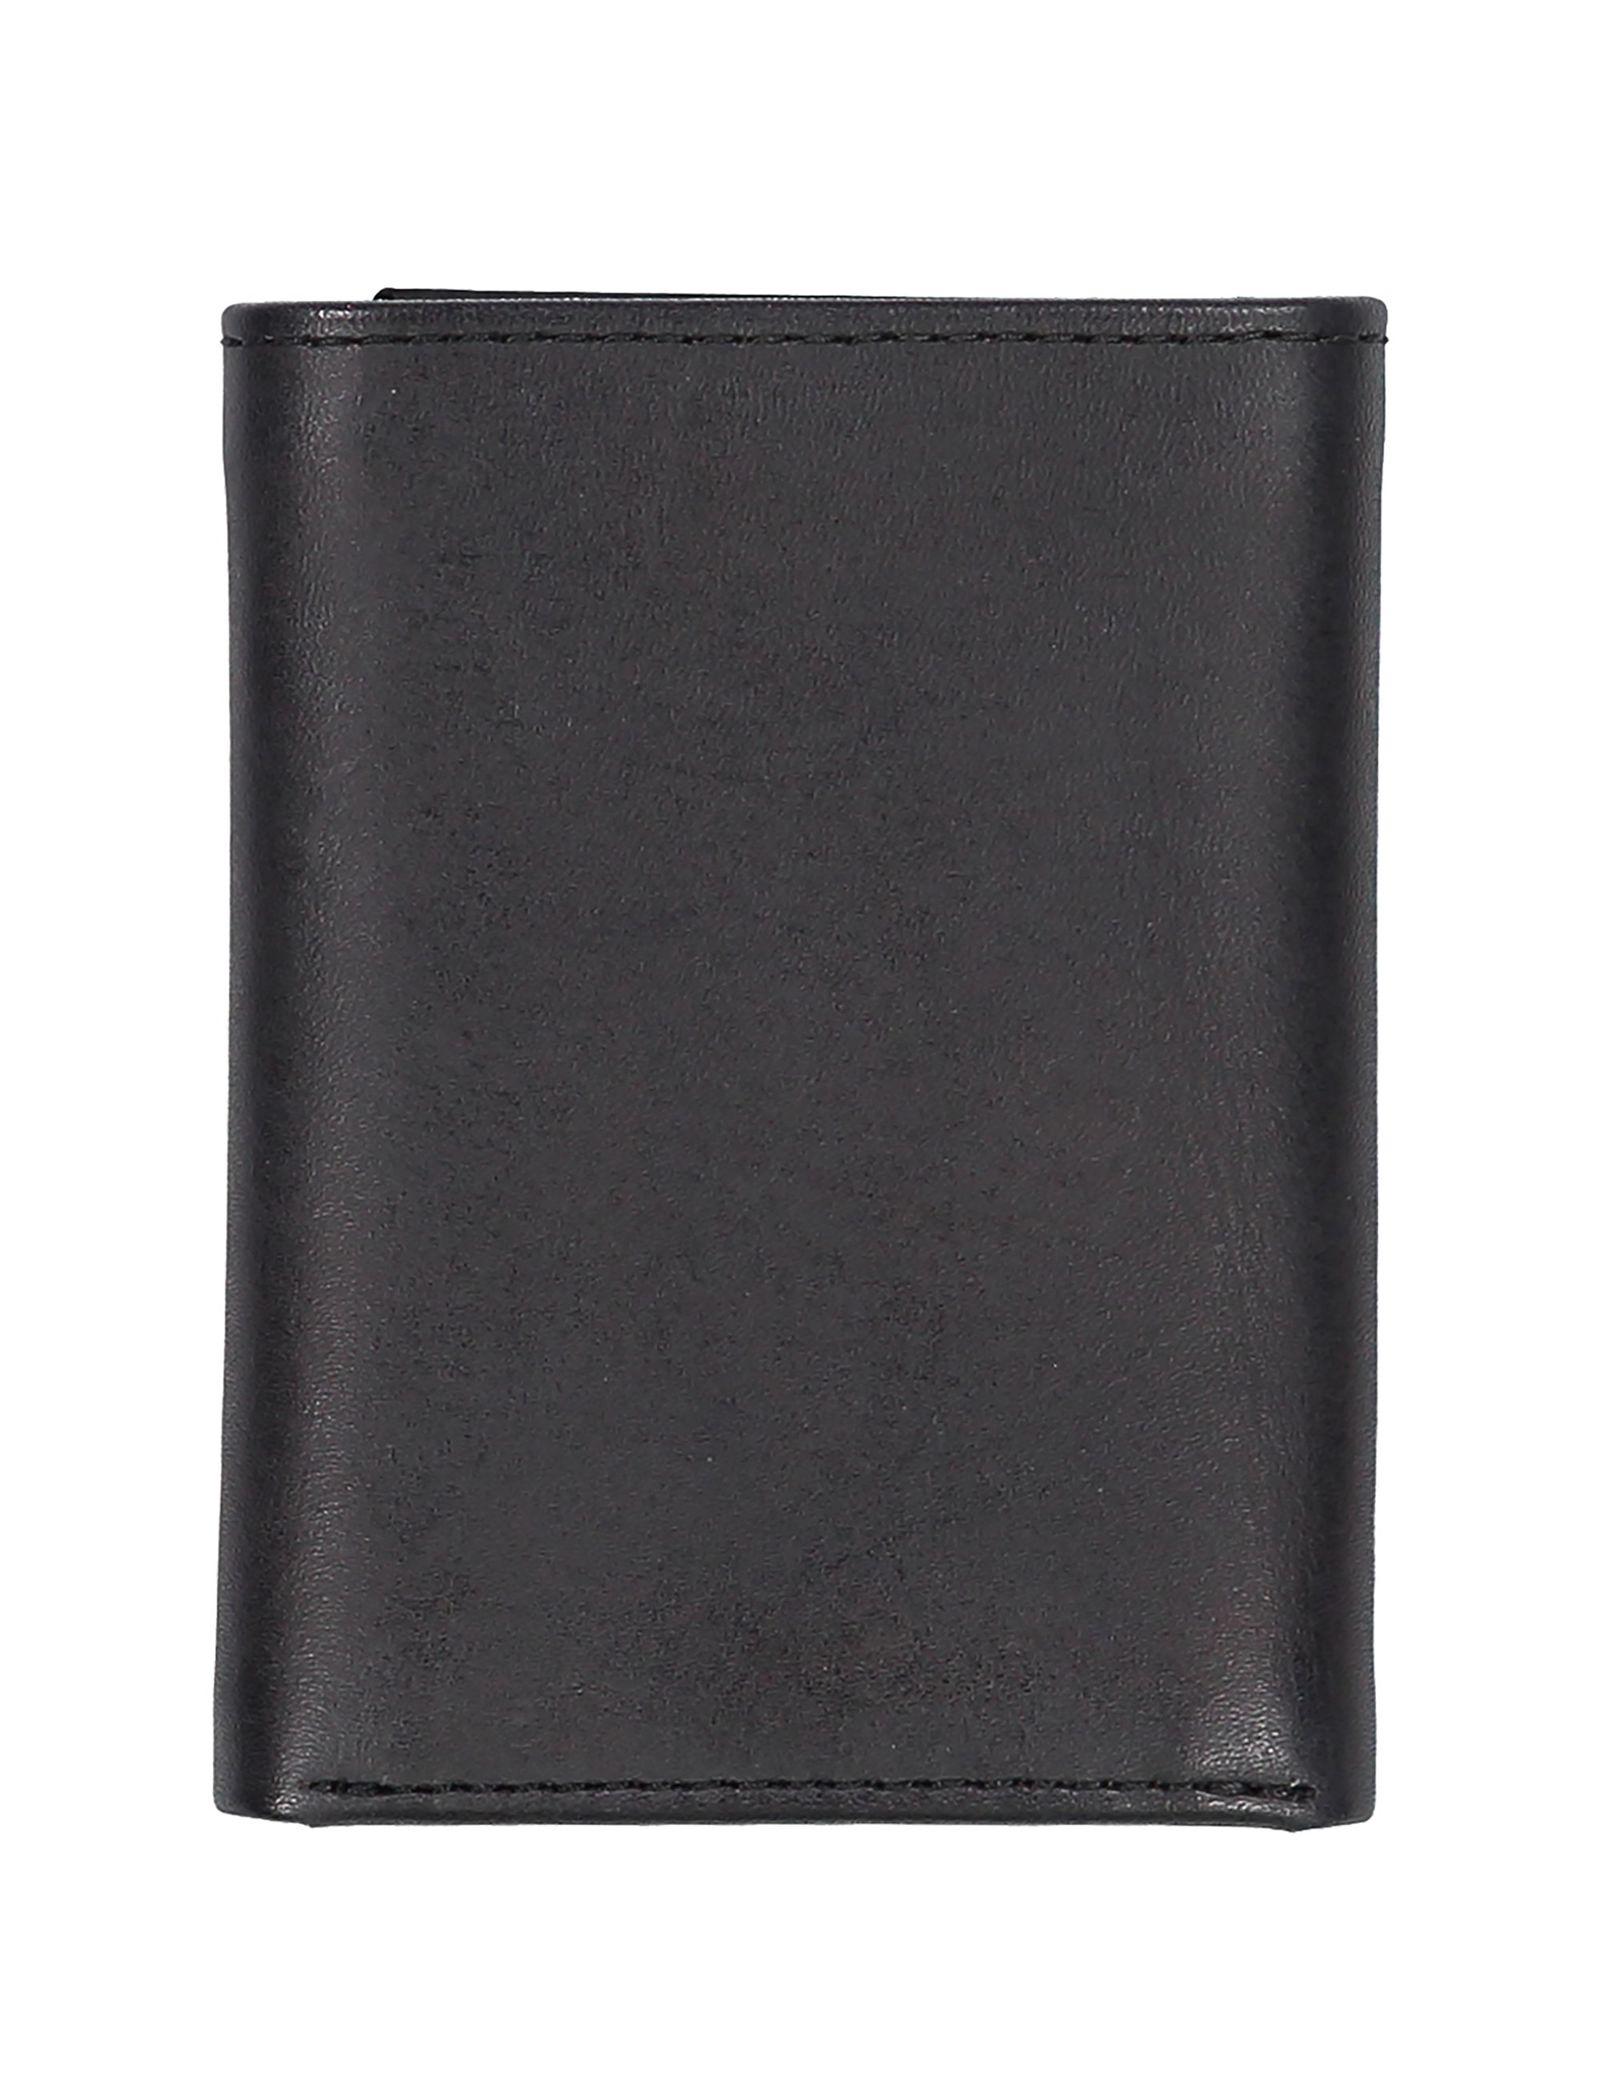 کیف پول کتابی چرم مردانه Premium Bi Fold Leather - سوپردرای - مشکي - 2